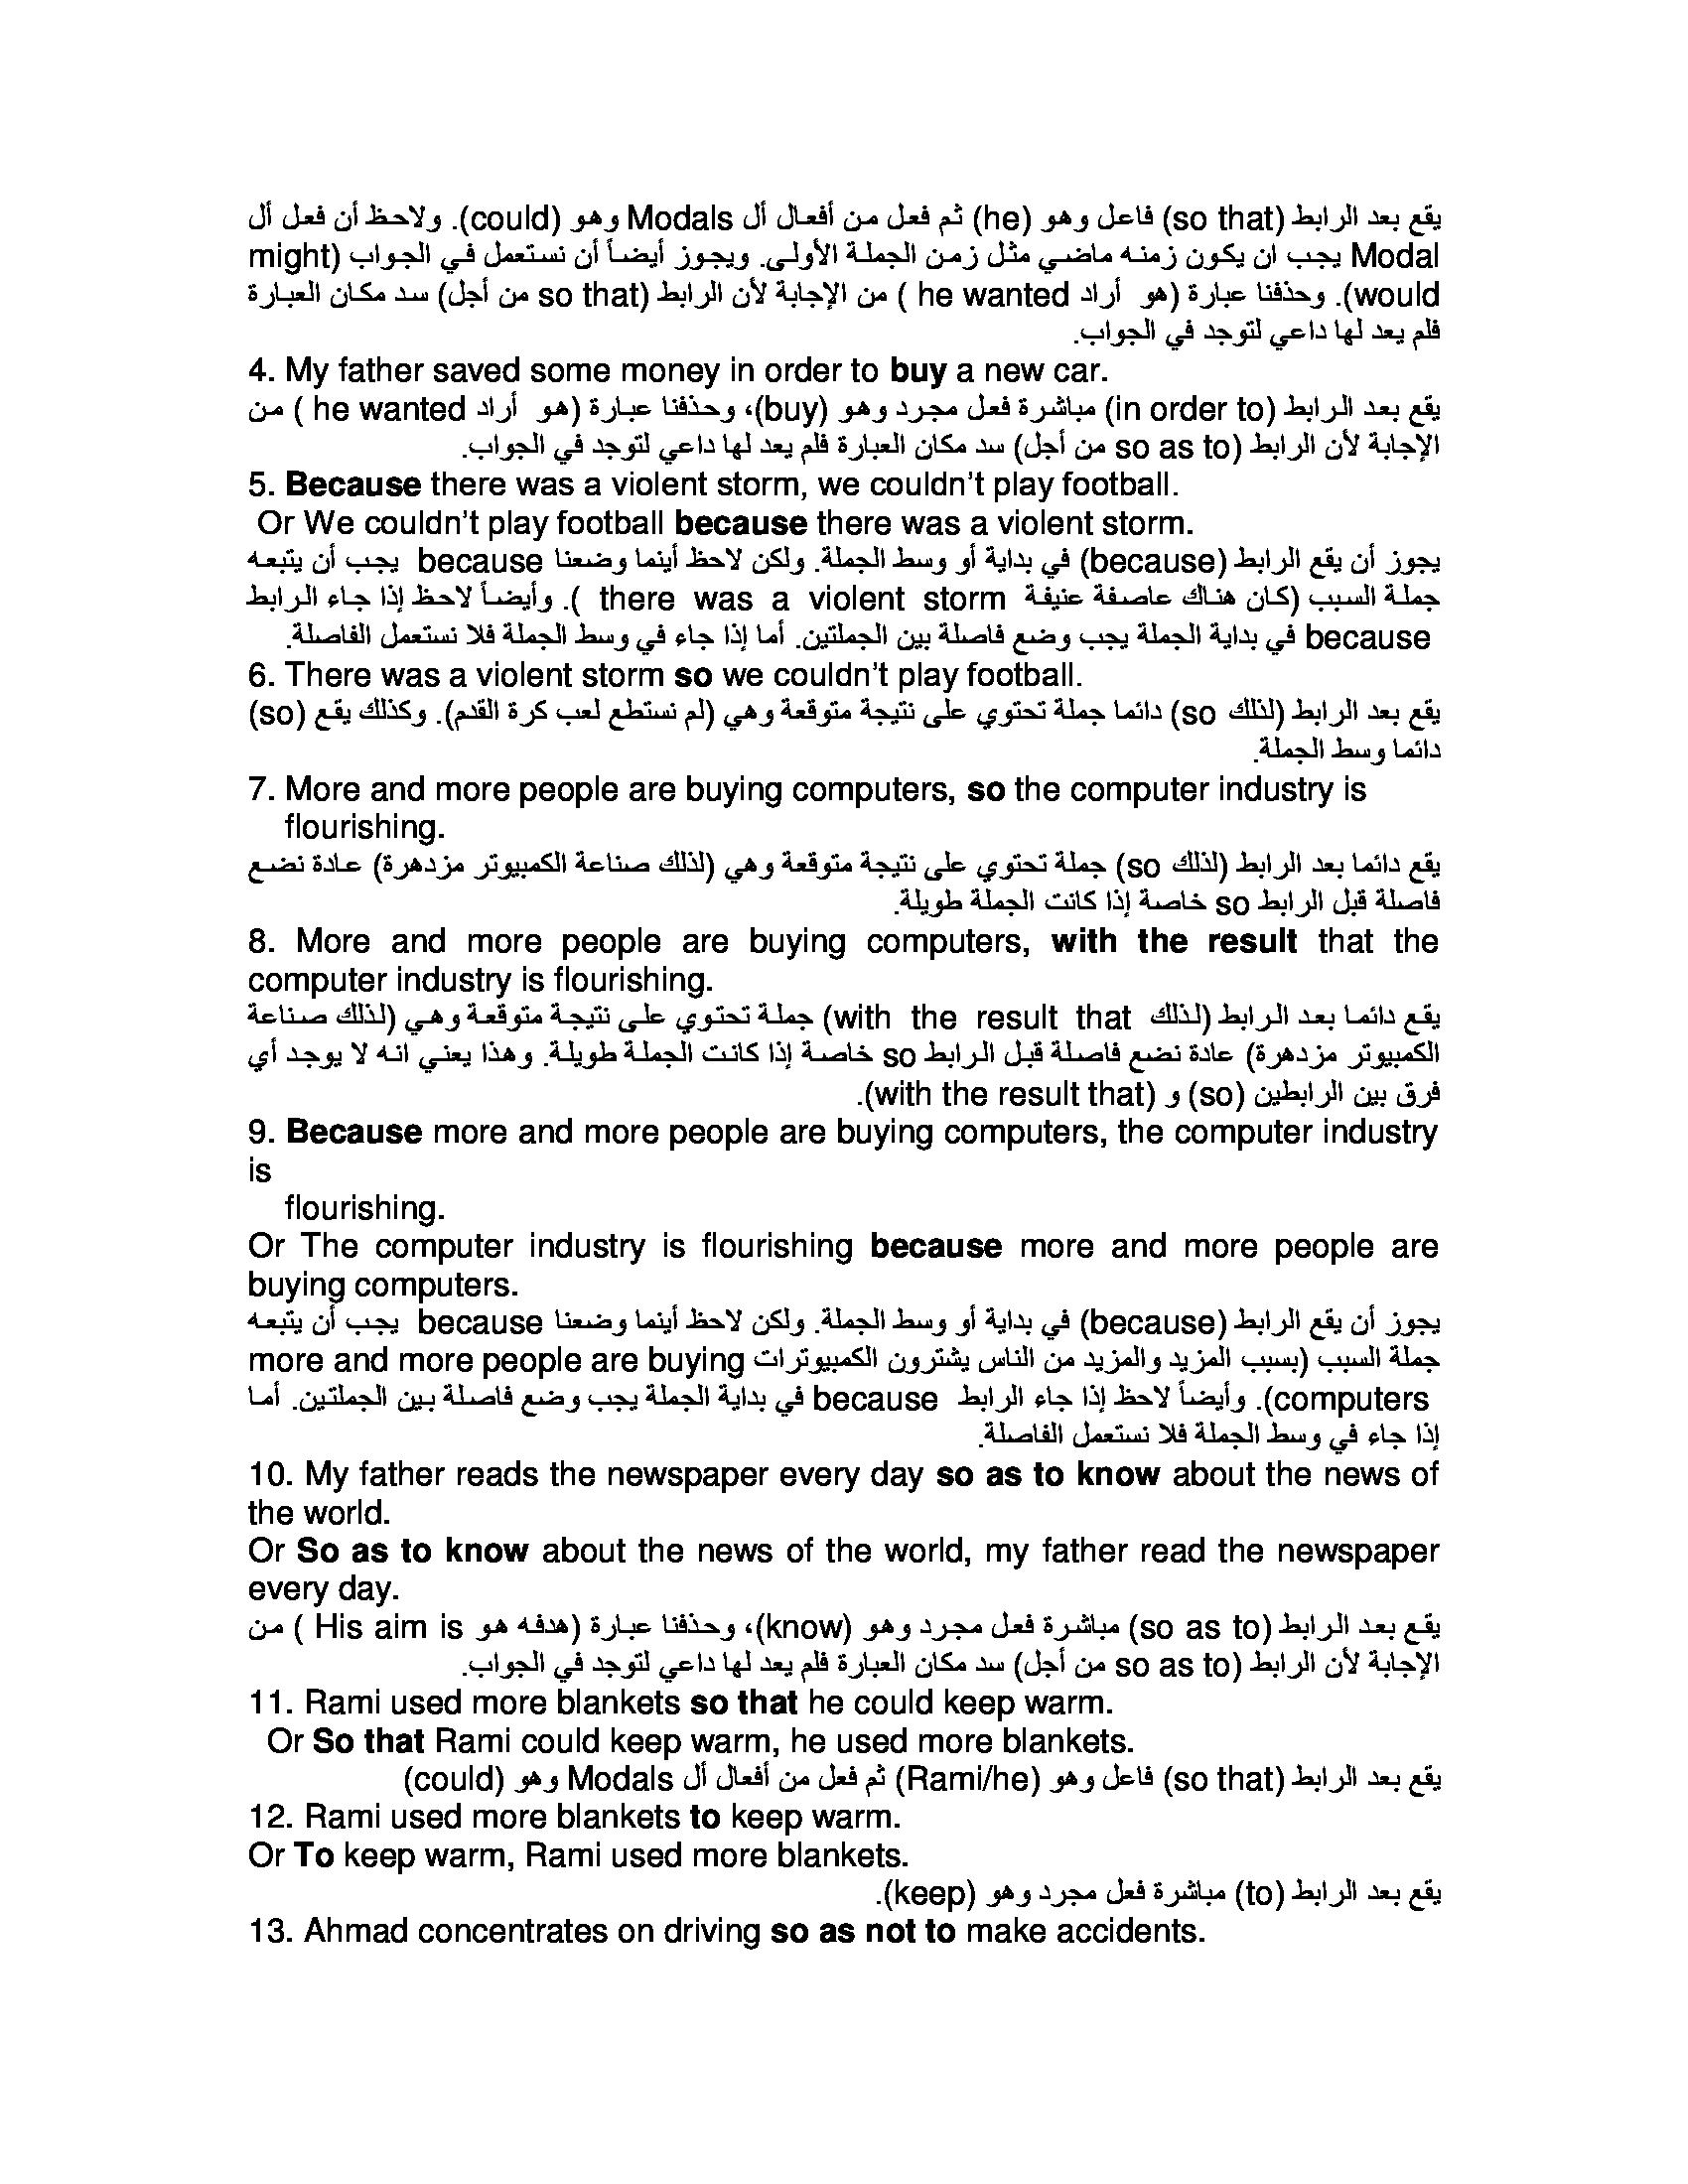 ورقة عمل كلمات الربط مادة اللغة الانجليزية للصف الثاني الثانوي المستوى الثالث 2017